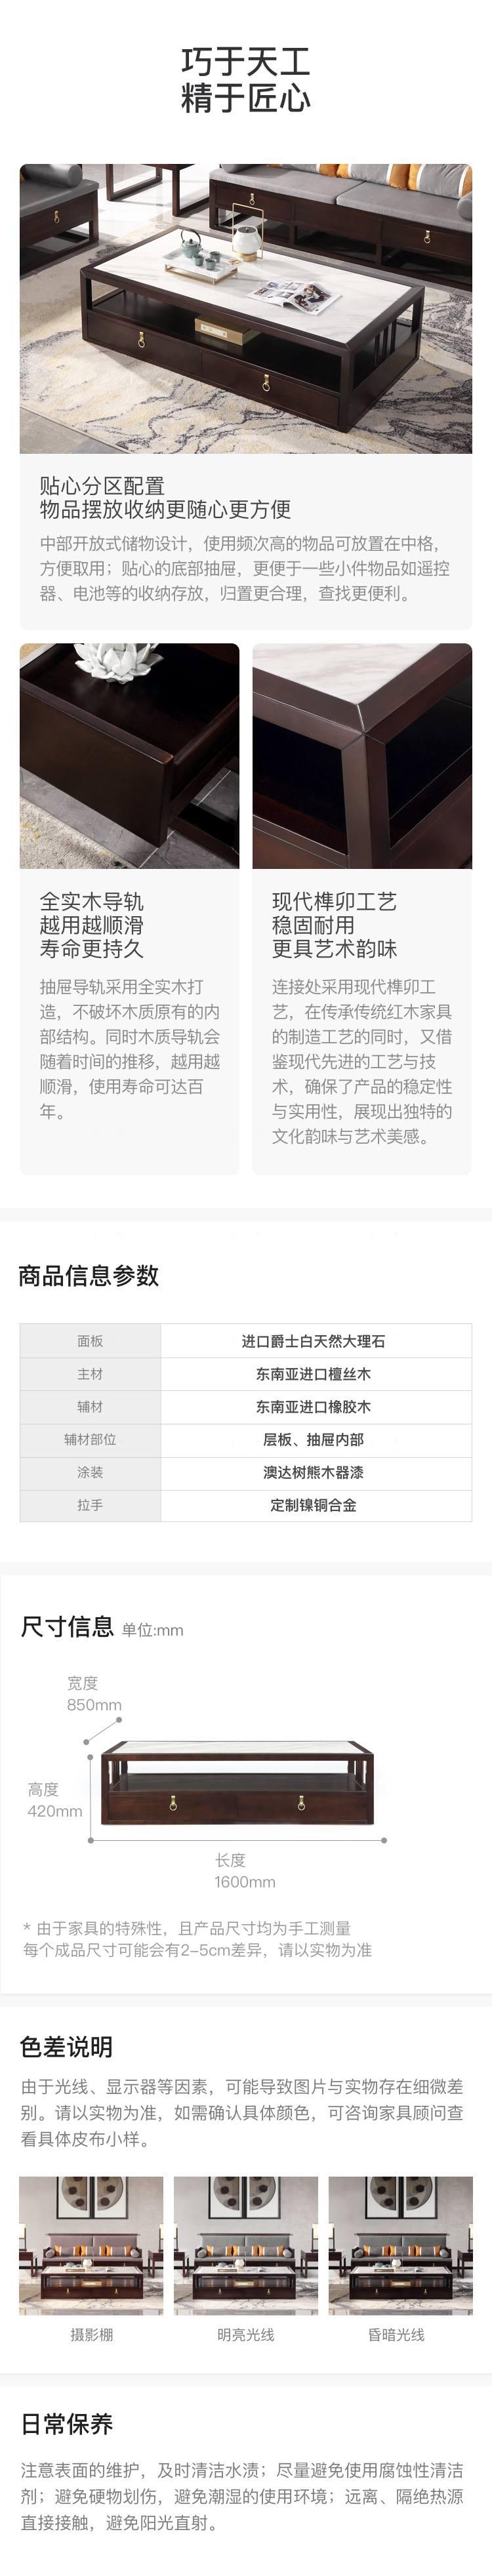 新中式风格似锦茶几的家具详细介绍